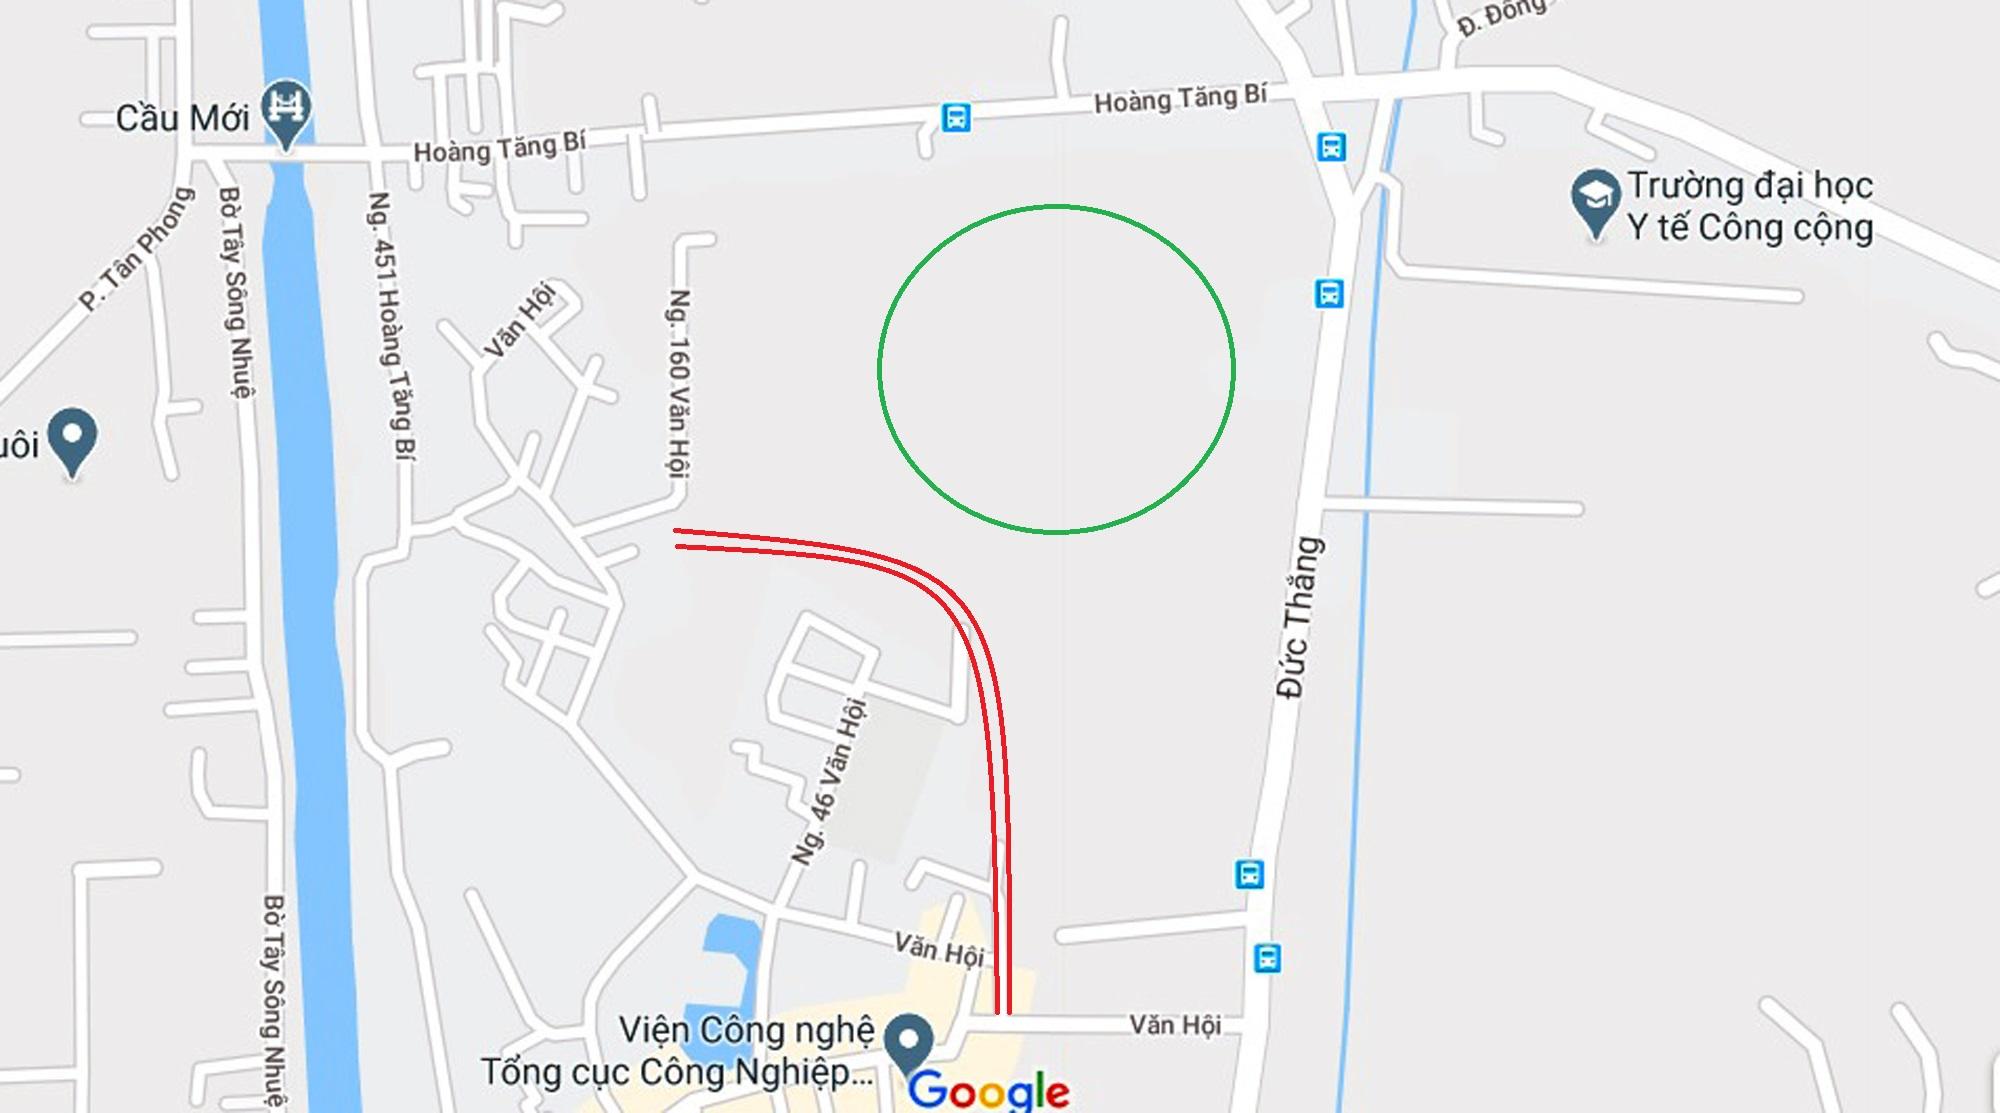 4 đường sẽ mở theo qui hoạch ở phường Đức Thắng, Bắc Từ Liêm, Hà Nội - Ảnh 11.